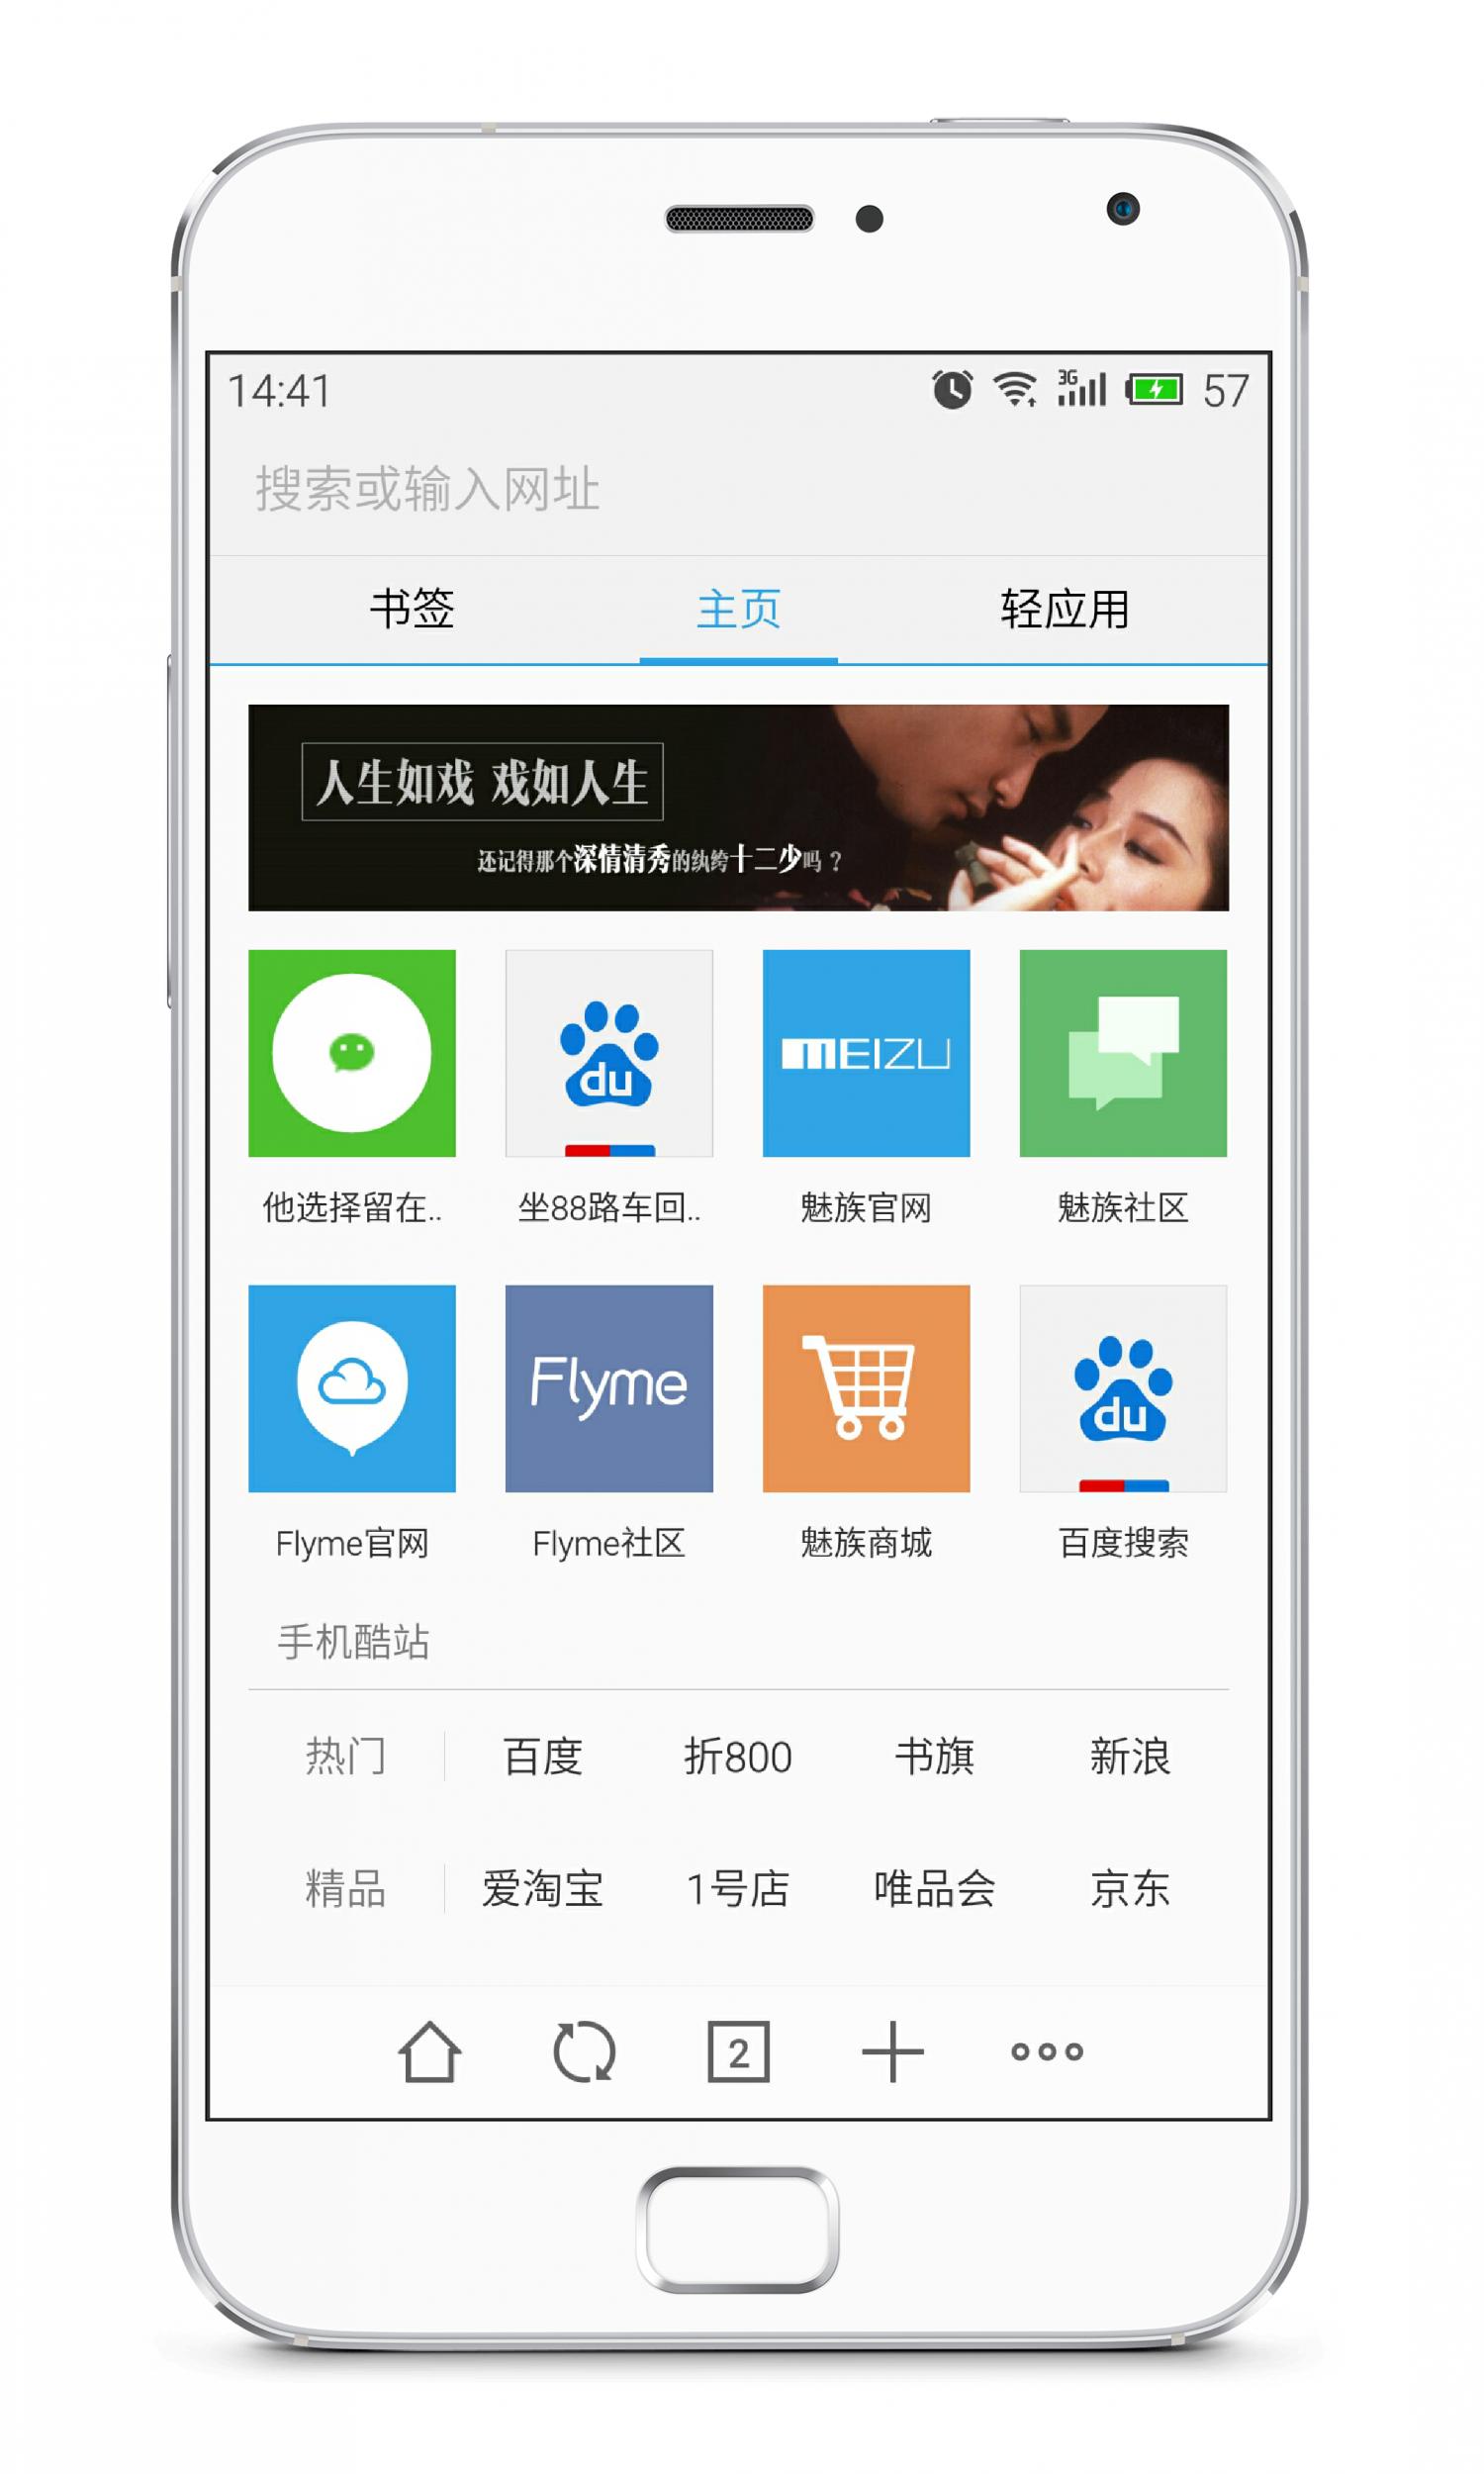 怀念张国荣-胭脂扣-浏览器.png